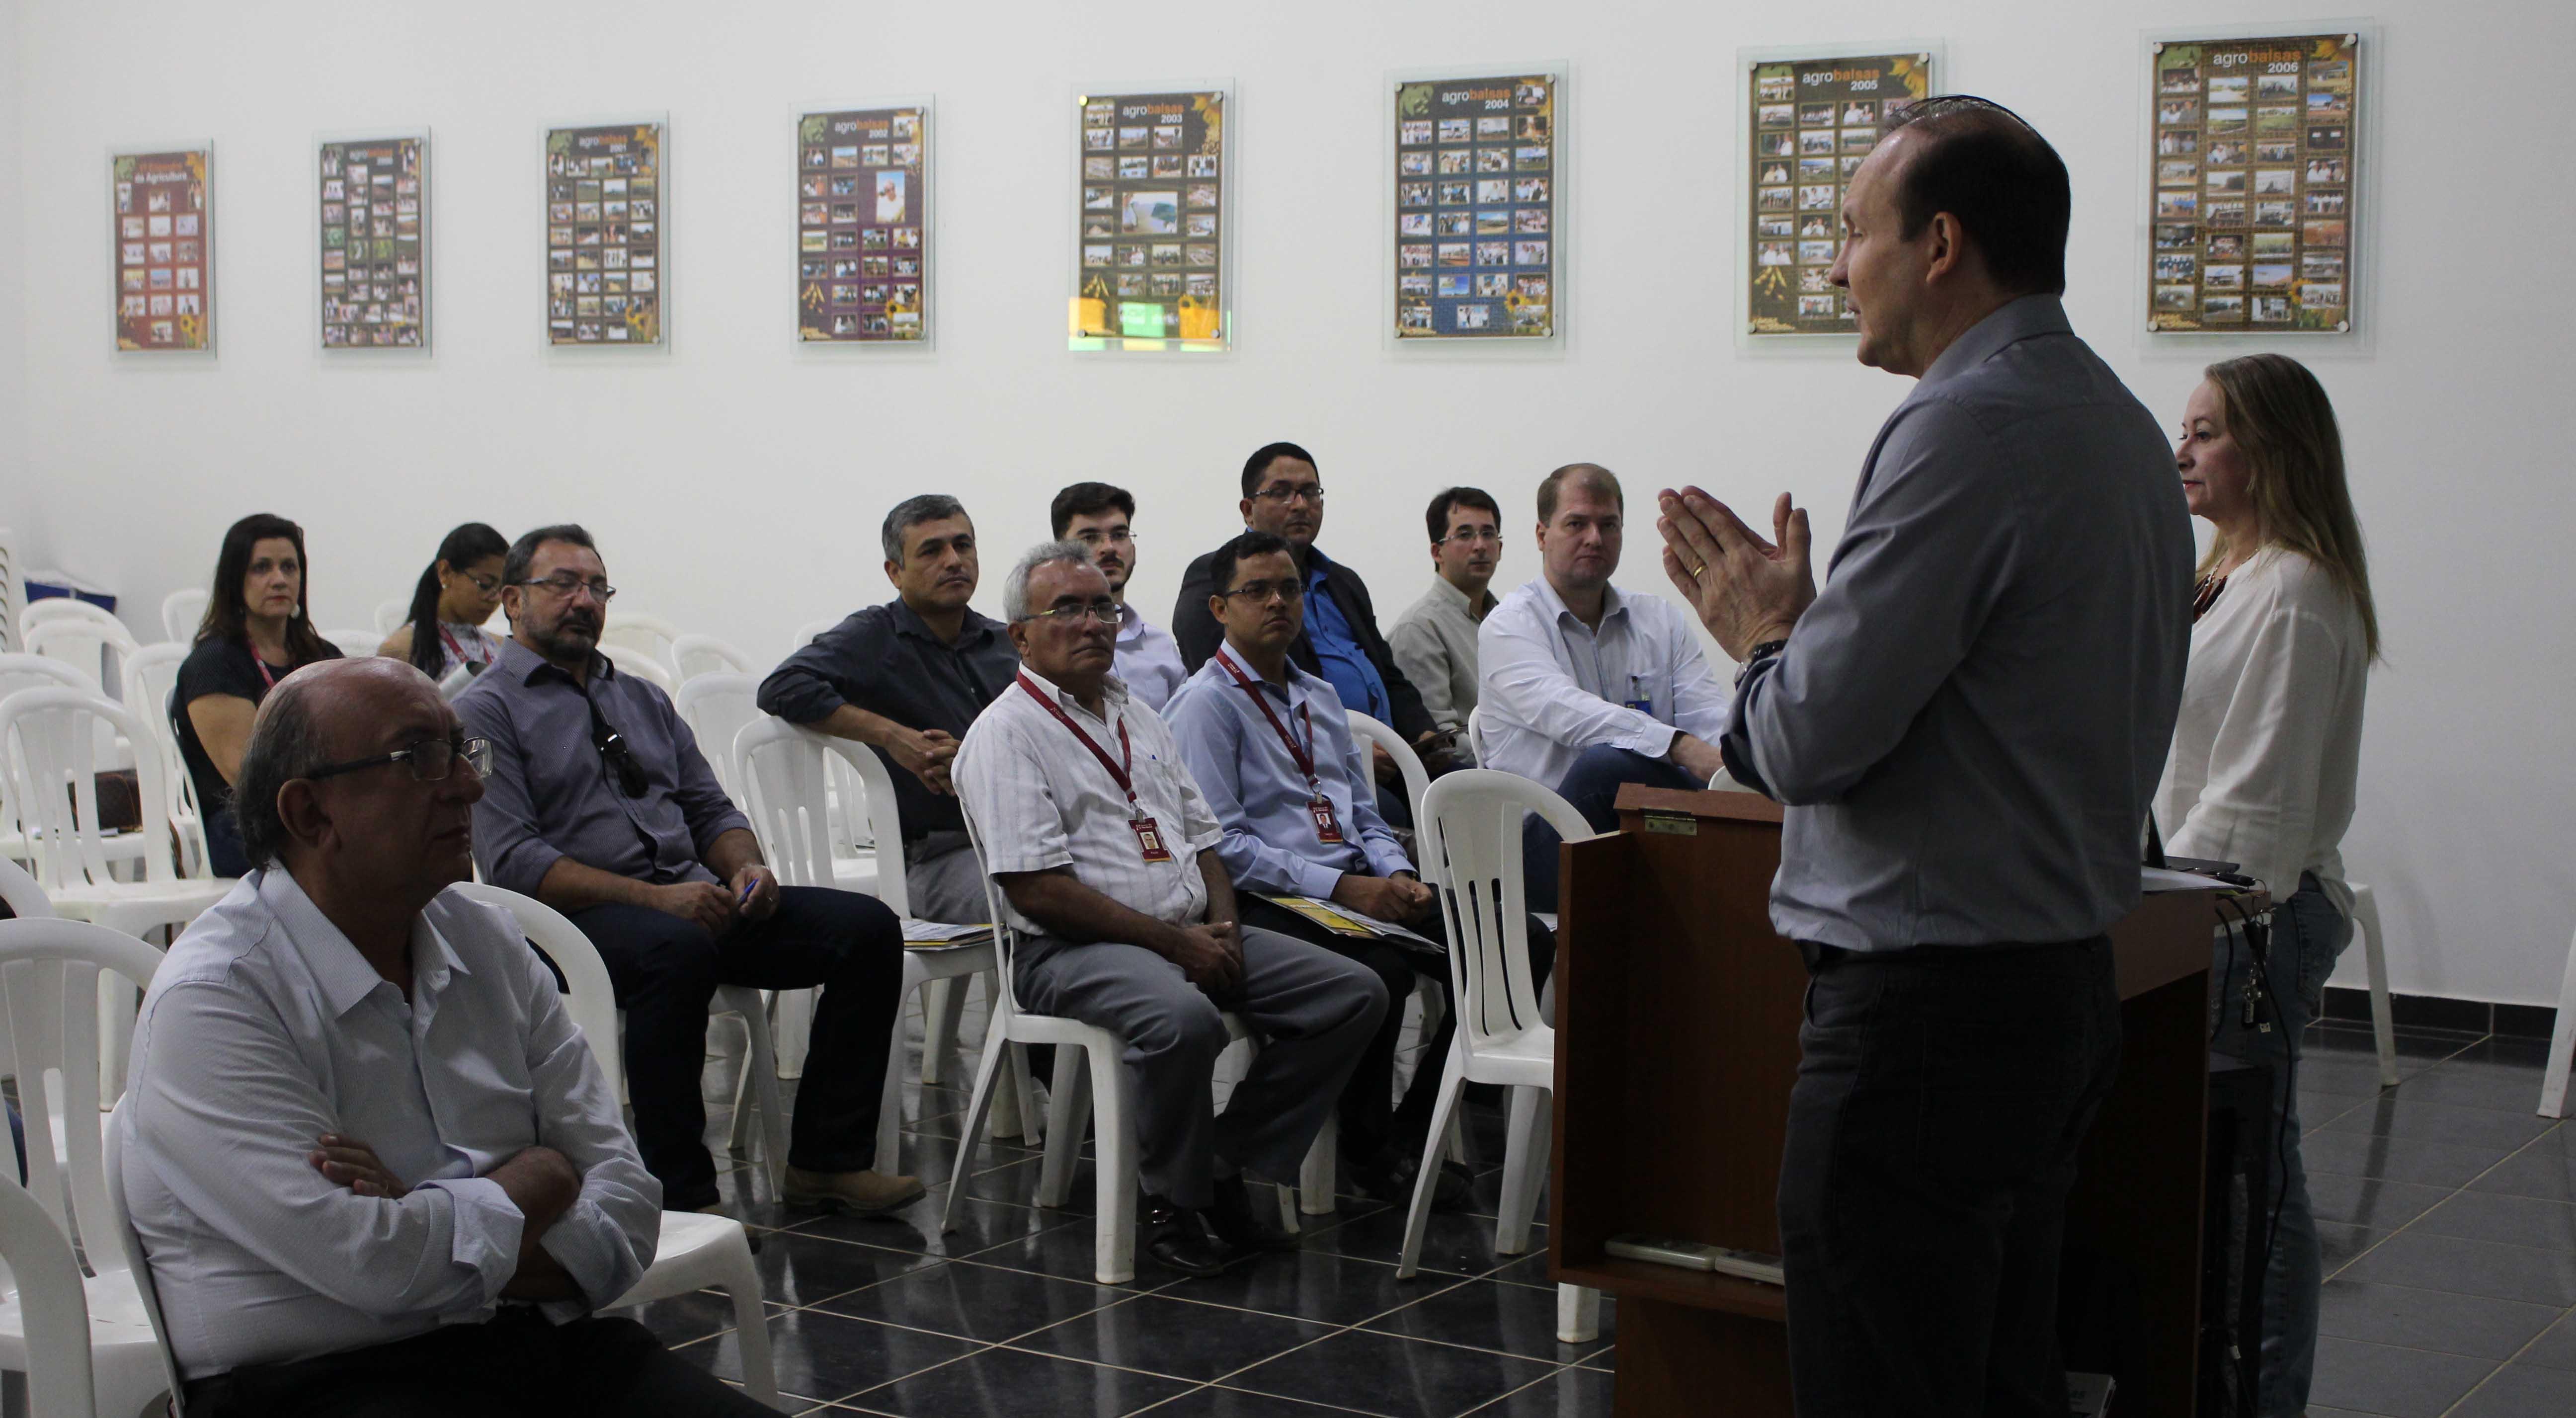 Instalação do agropolo do Rio Balsas foi discutida em reunião com diversas instituições parcerias e representantes da classe produtora. Foto: Divulgação